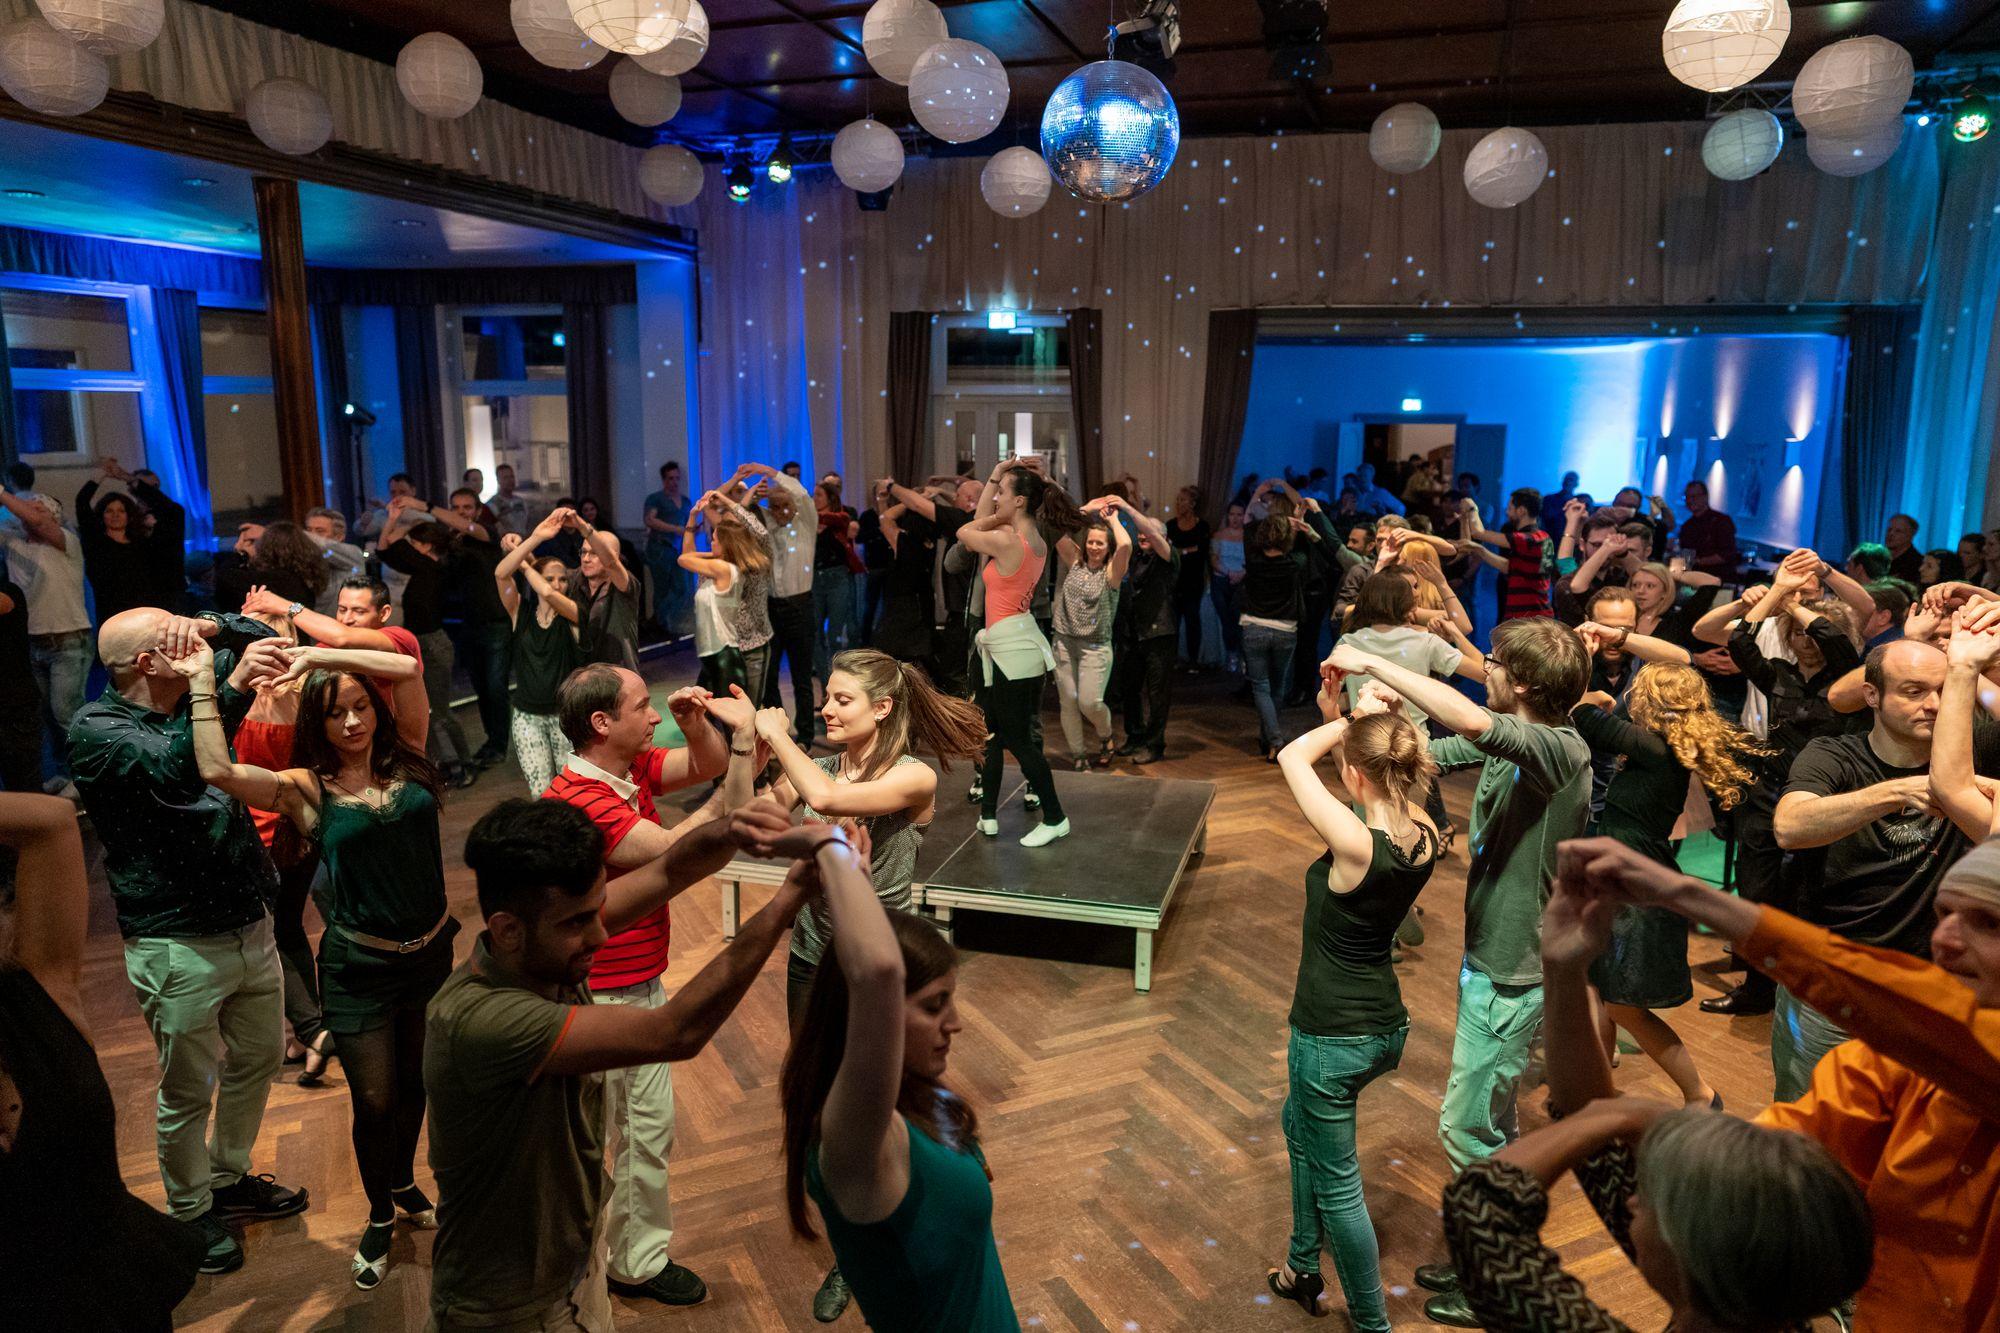 Salsa-Tanzunterricht von Oliver Chimbo und Julia Pöschel auf der Salsa Night in den Haas-Sälen Bamberg am 7. März 2020